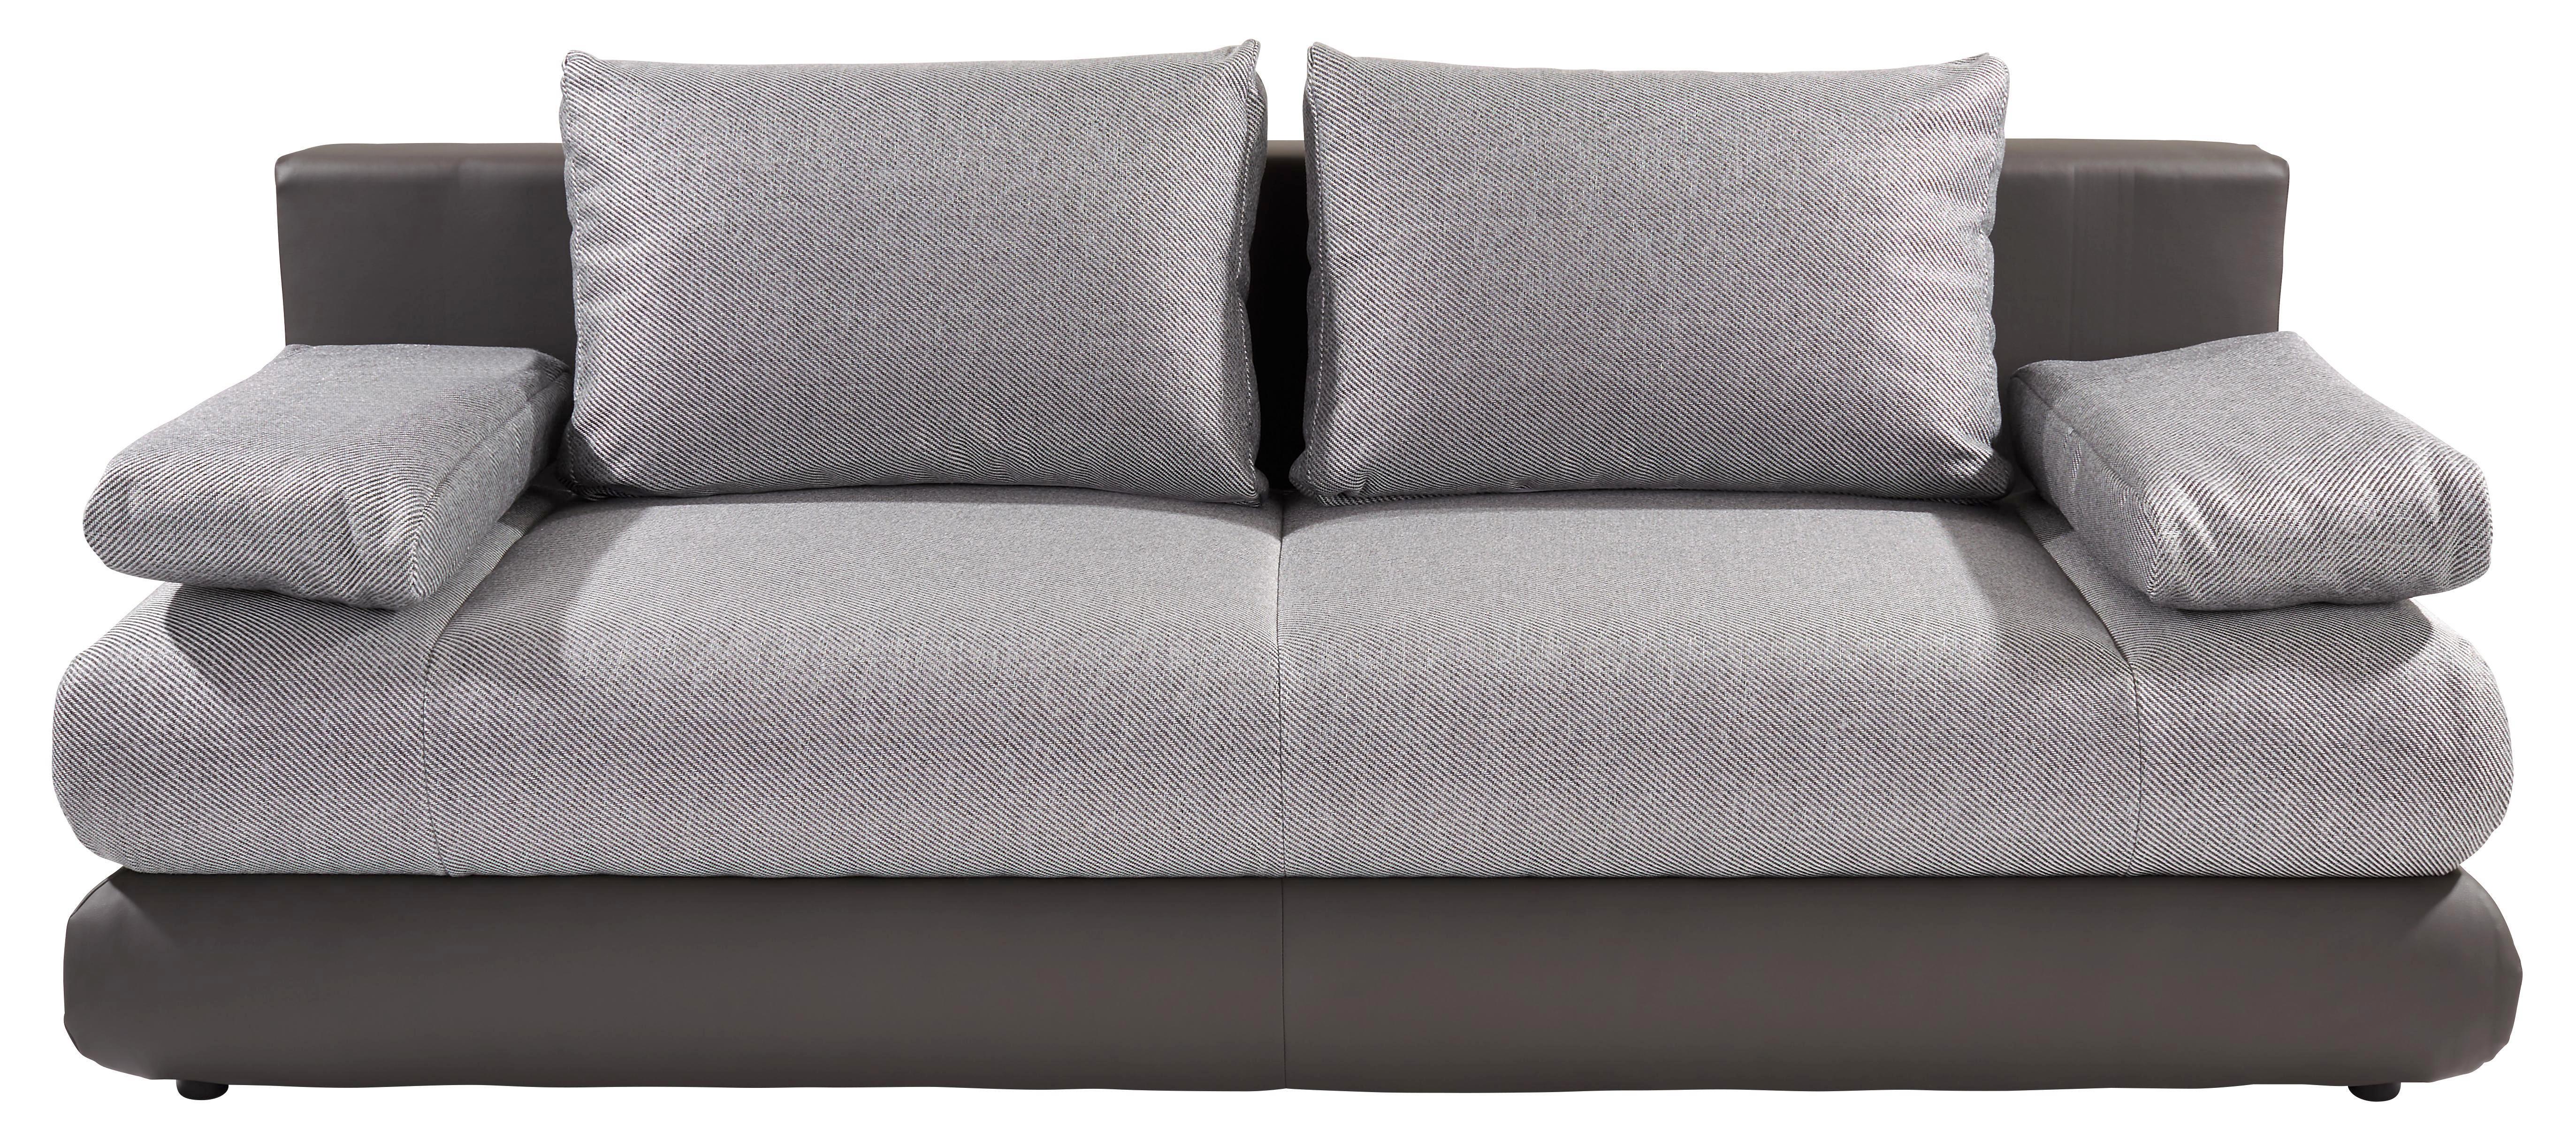 schlafsofa online kaufen beautiful schlafsofa sofa couc grten ecksofas gnstig online kaufen. Black Bedroom Furniture Sets. Home Design Ideas